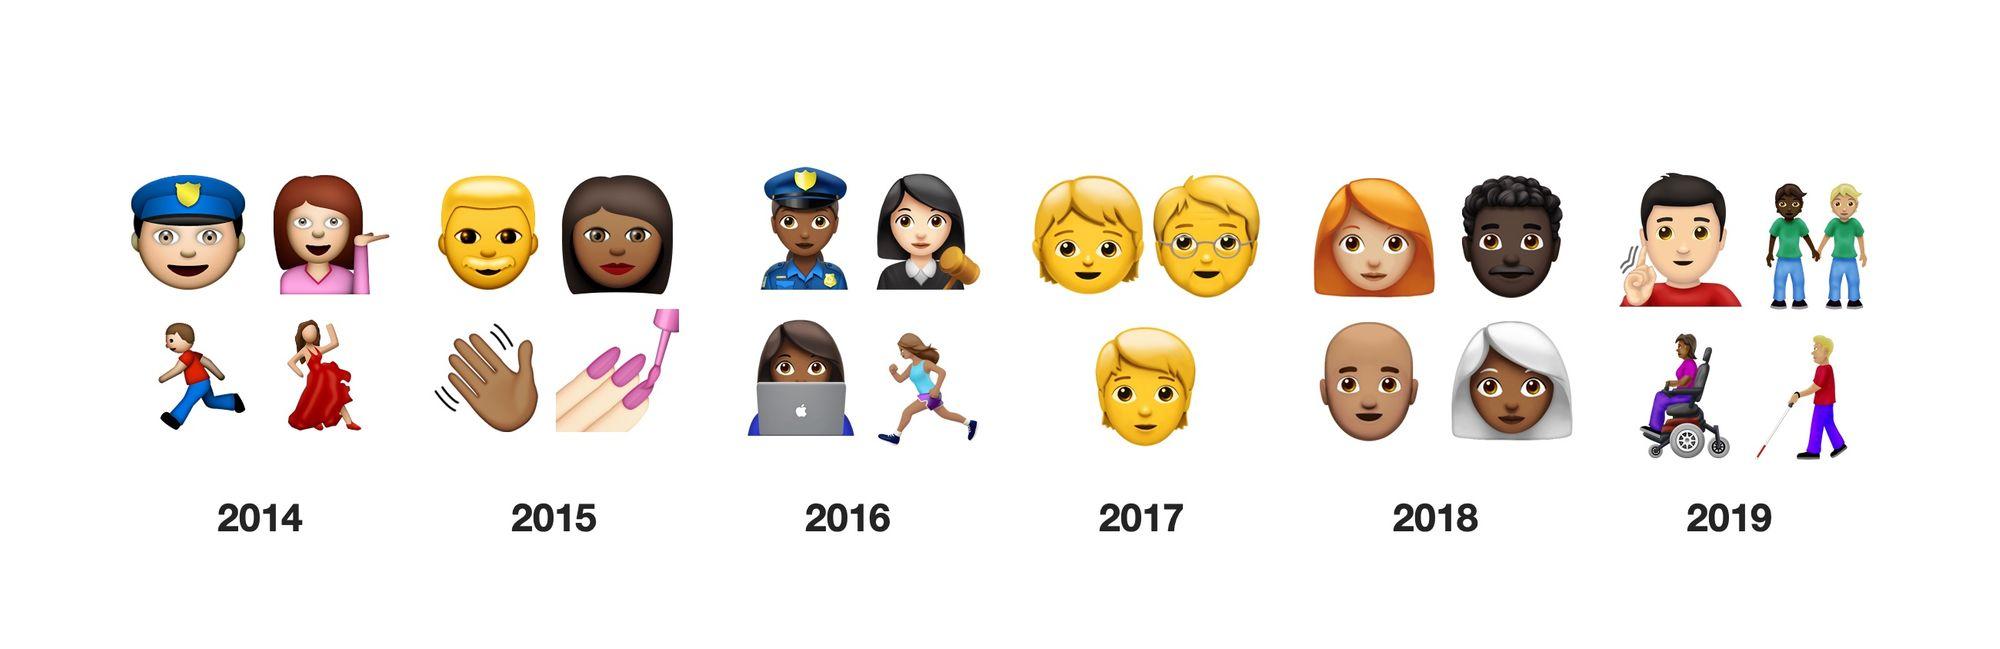 Emoji 2019 เวอร์ชั่น 12.0 เพิ่มไอค่อนที่คำนึงถึงความหลากหลายของเพื่อนมนุษย์